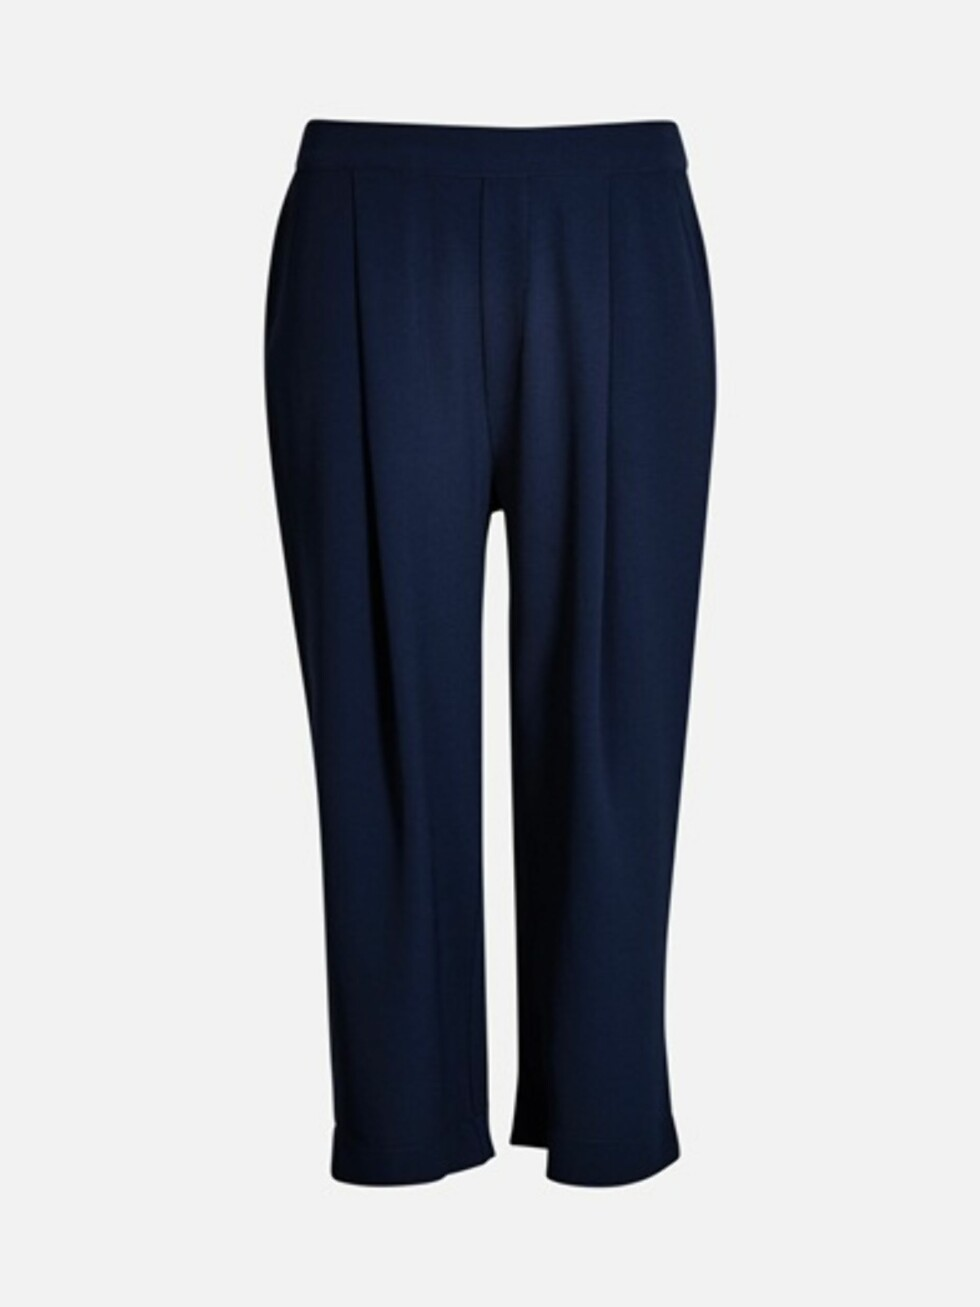 Bukse fra Bik Bok, kr 279. Foto: Produsenten